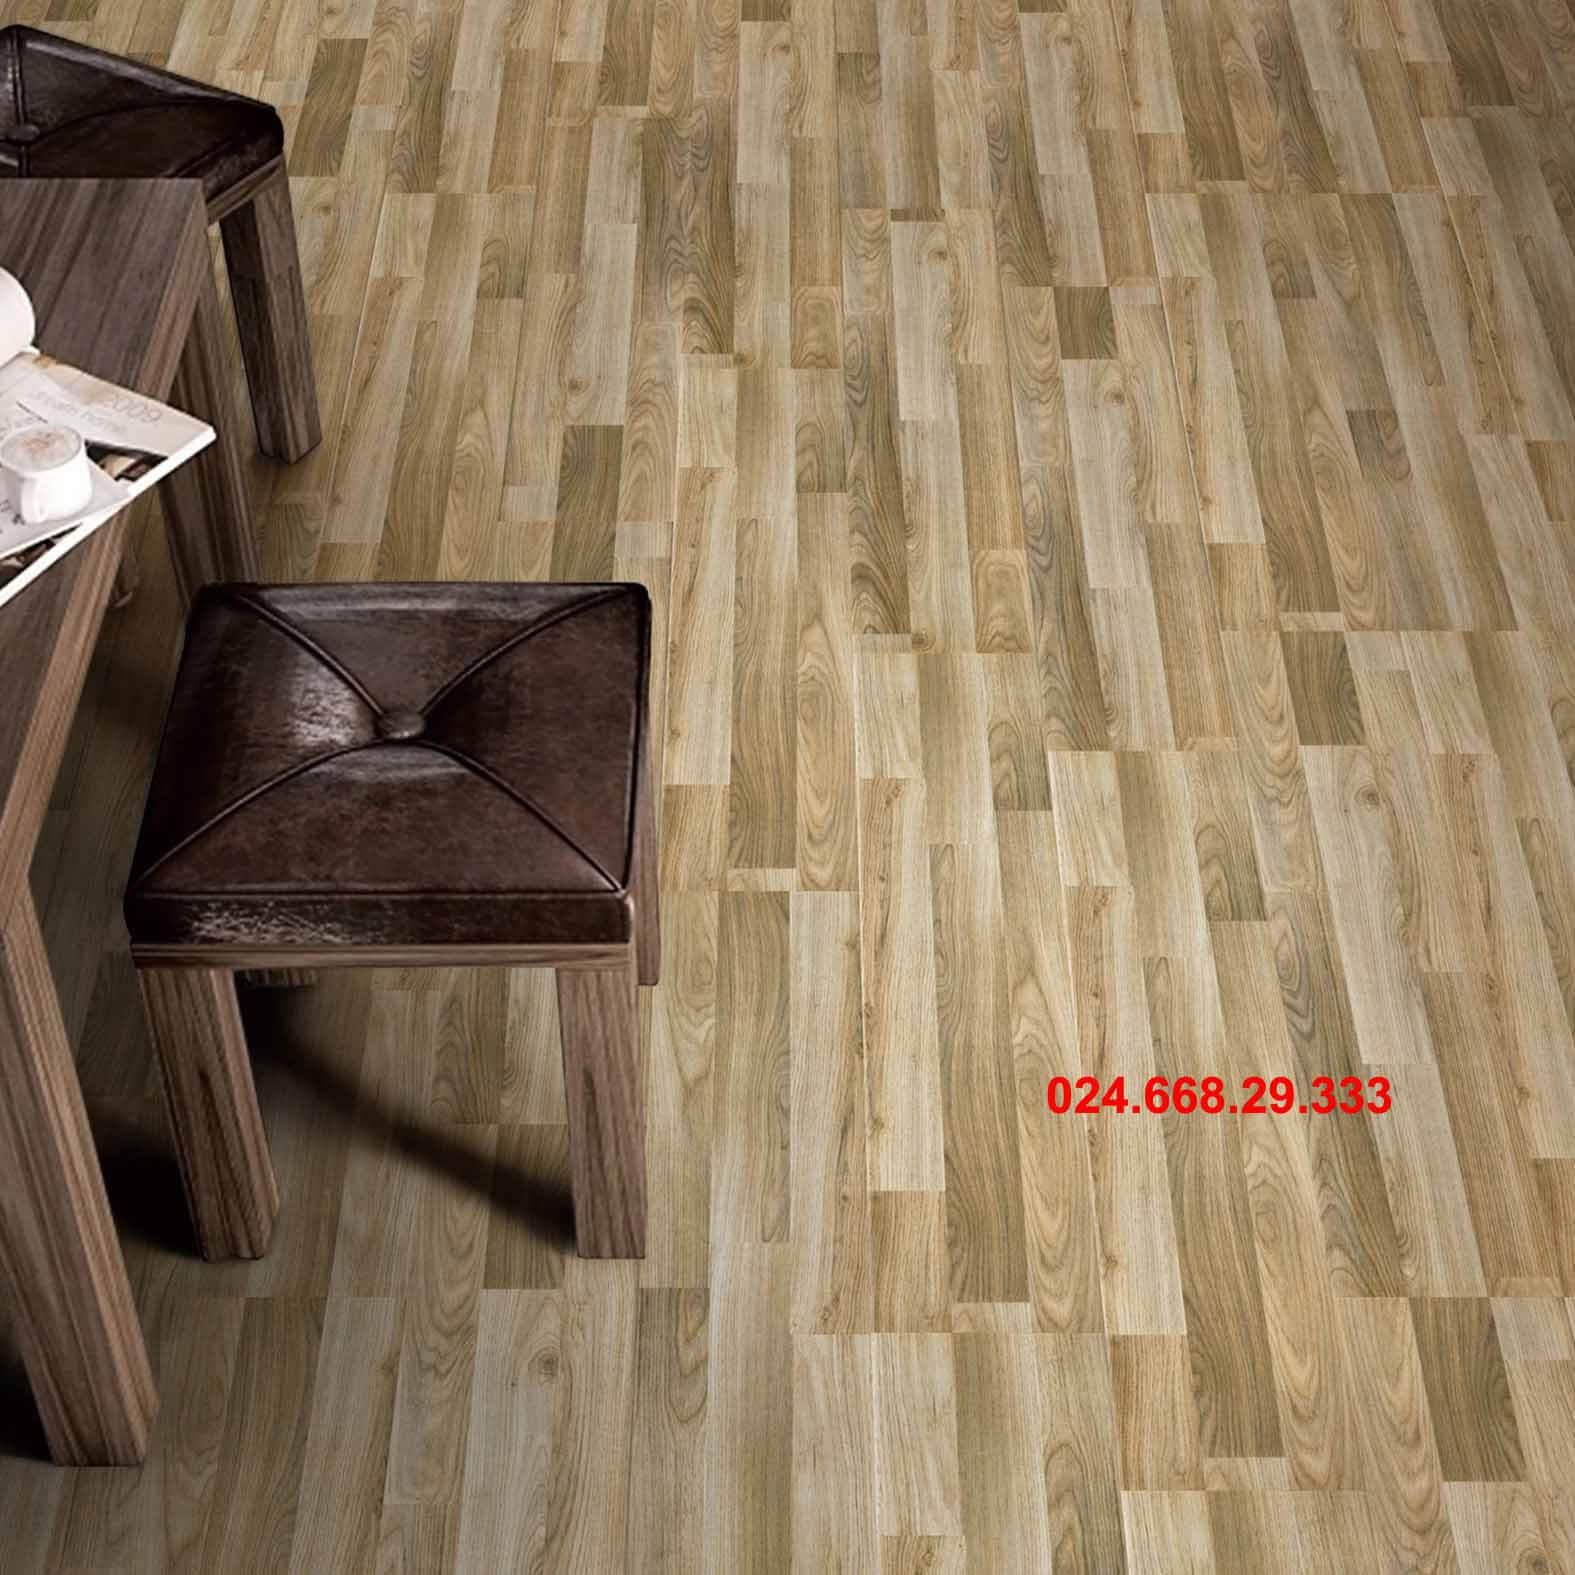 gạch giả gỗ 20x100 mã 2021 lát phòng khách 1